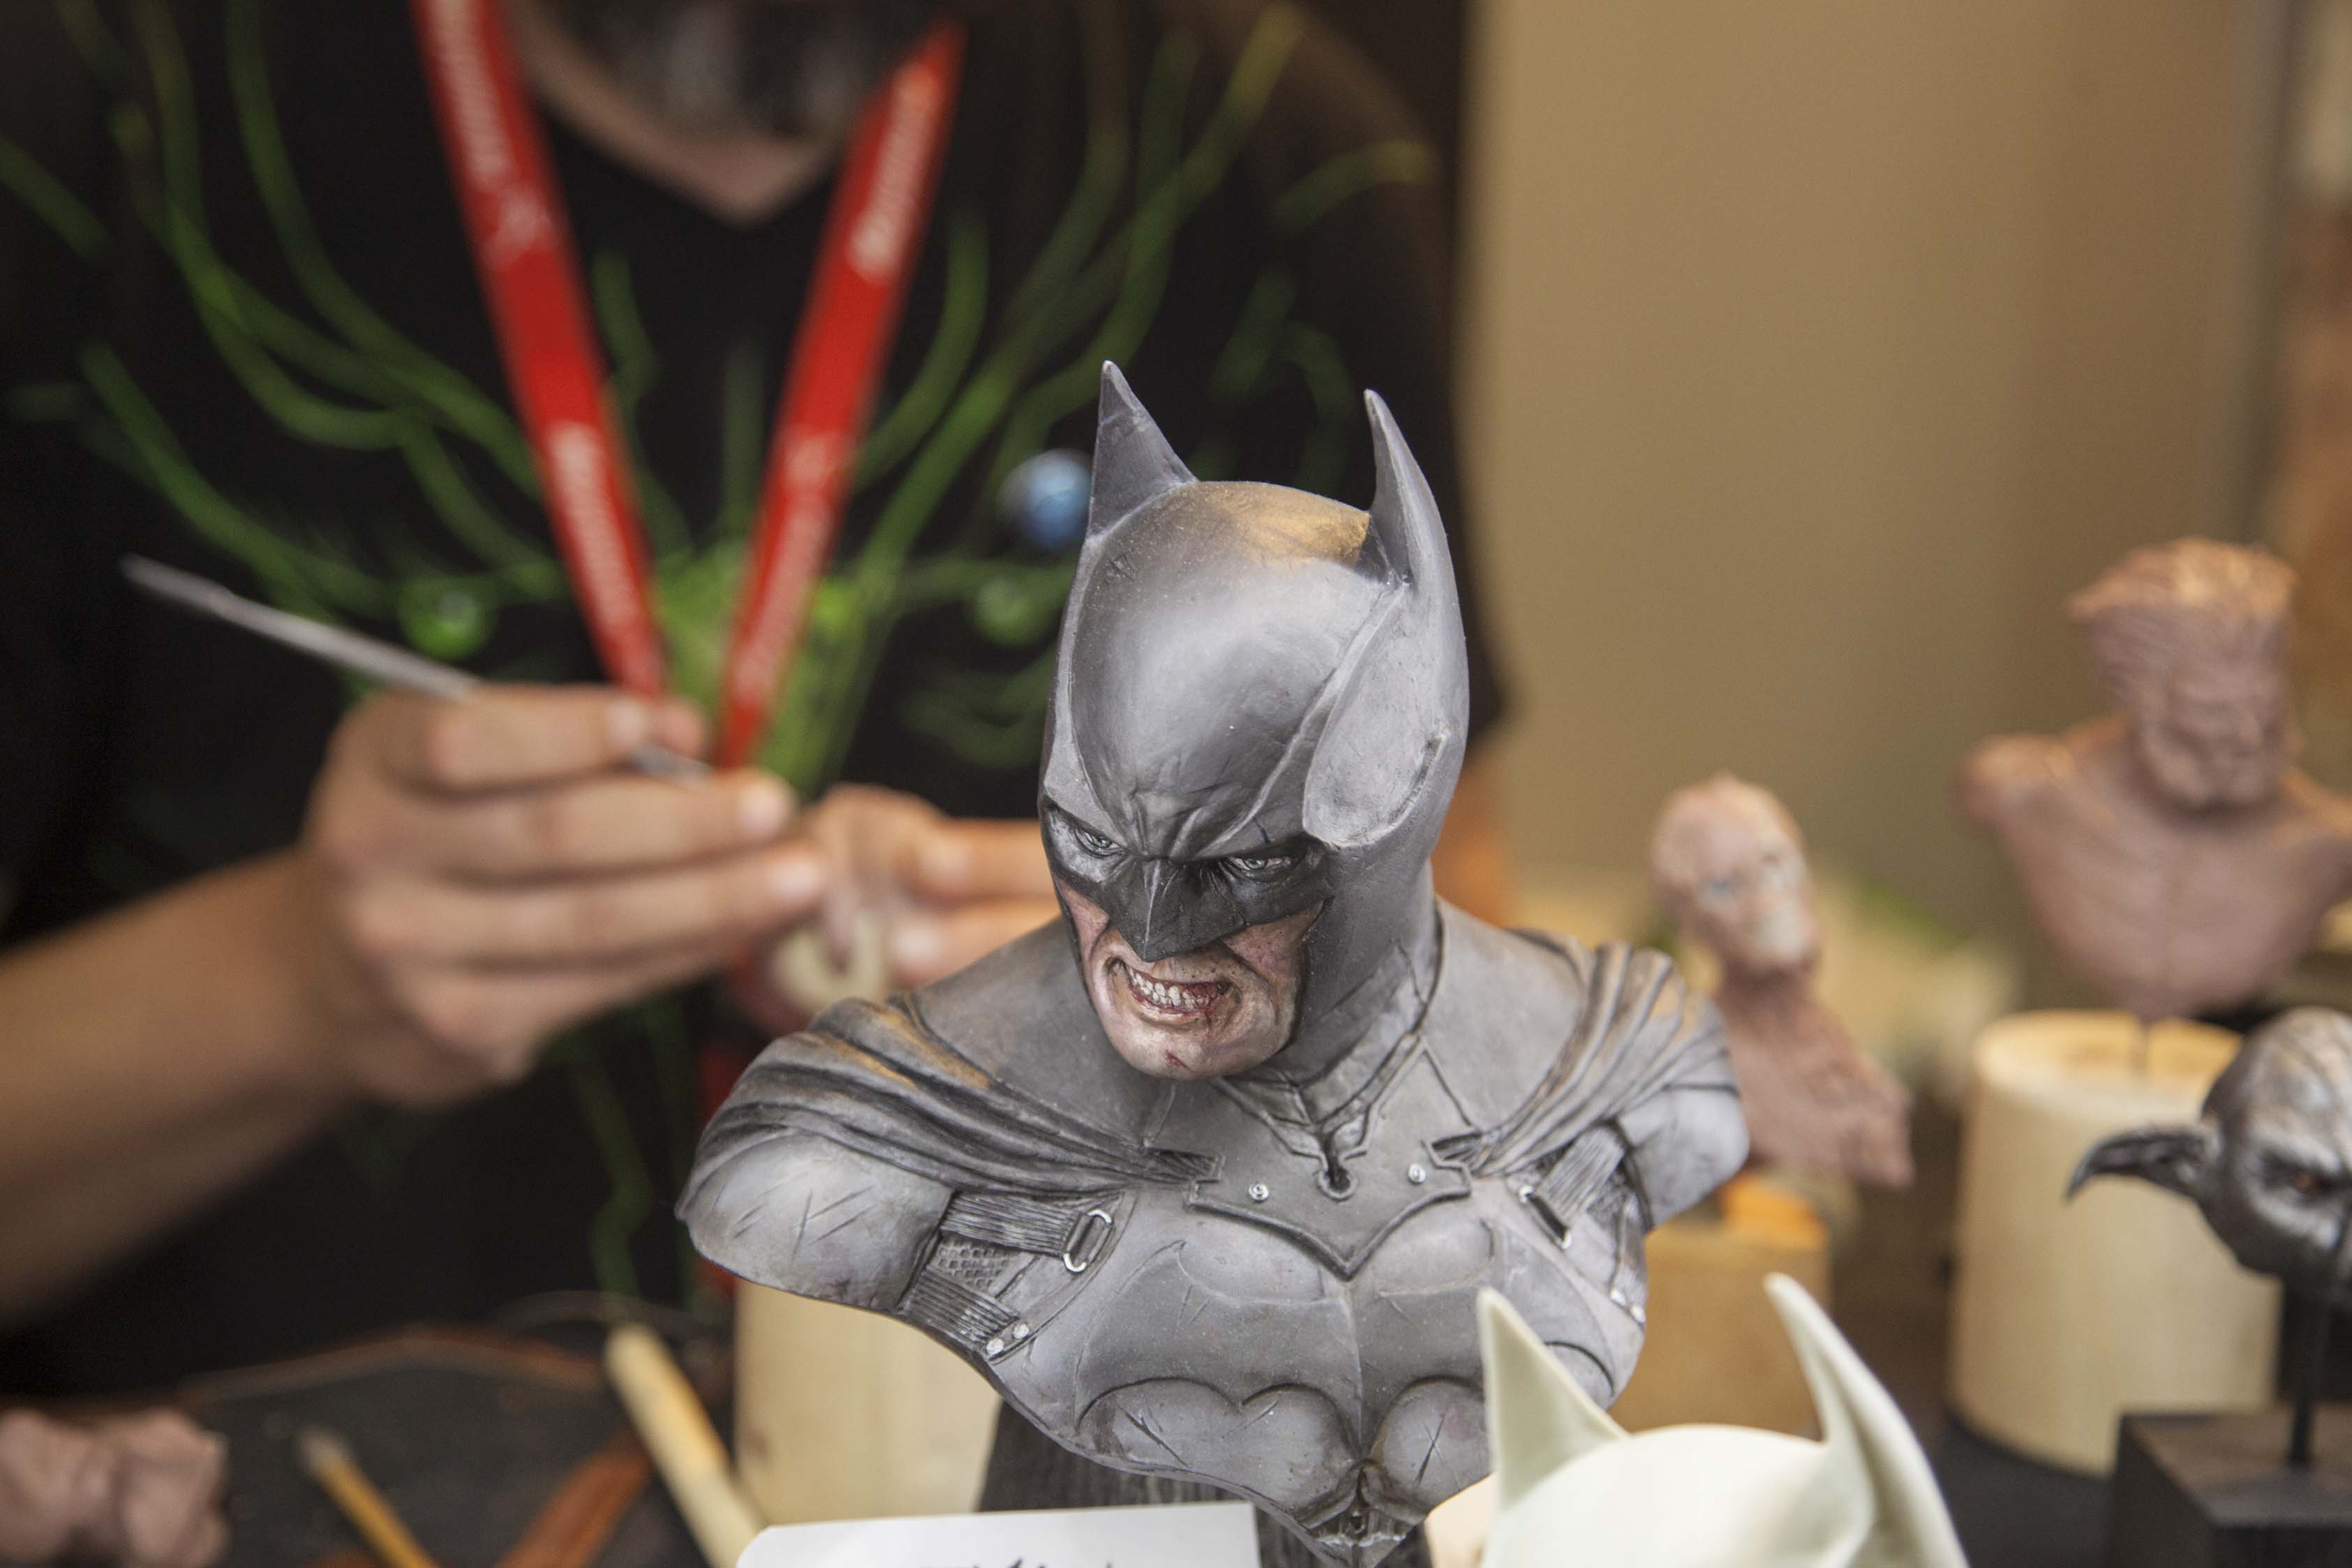 El arte también tiene su lugar en el MGE. Junto con dibujantes o músicos, escultores como Eduardo Velayos son capaces de crear figuras inspiradas en los personajes del cómic y los videojuegos.